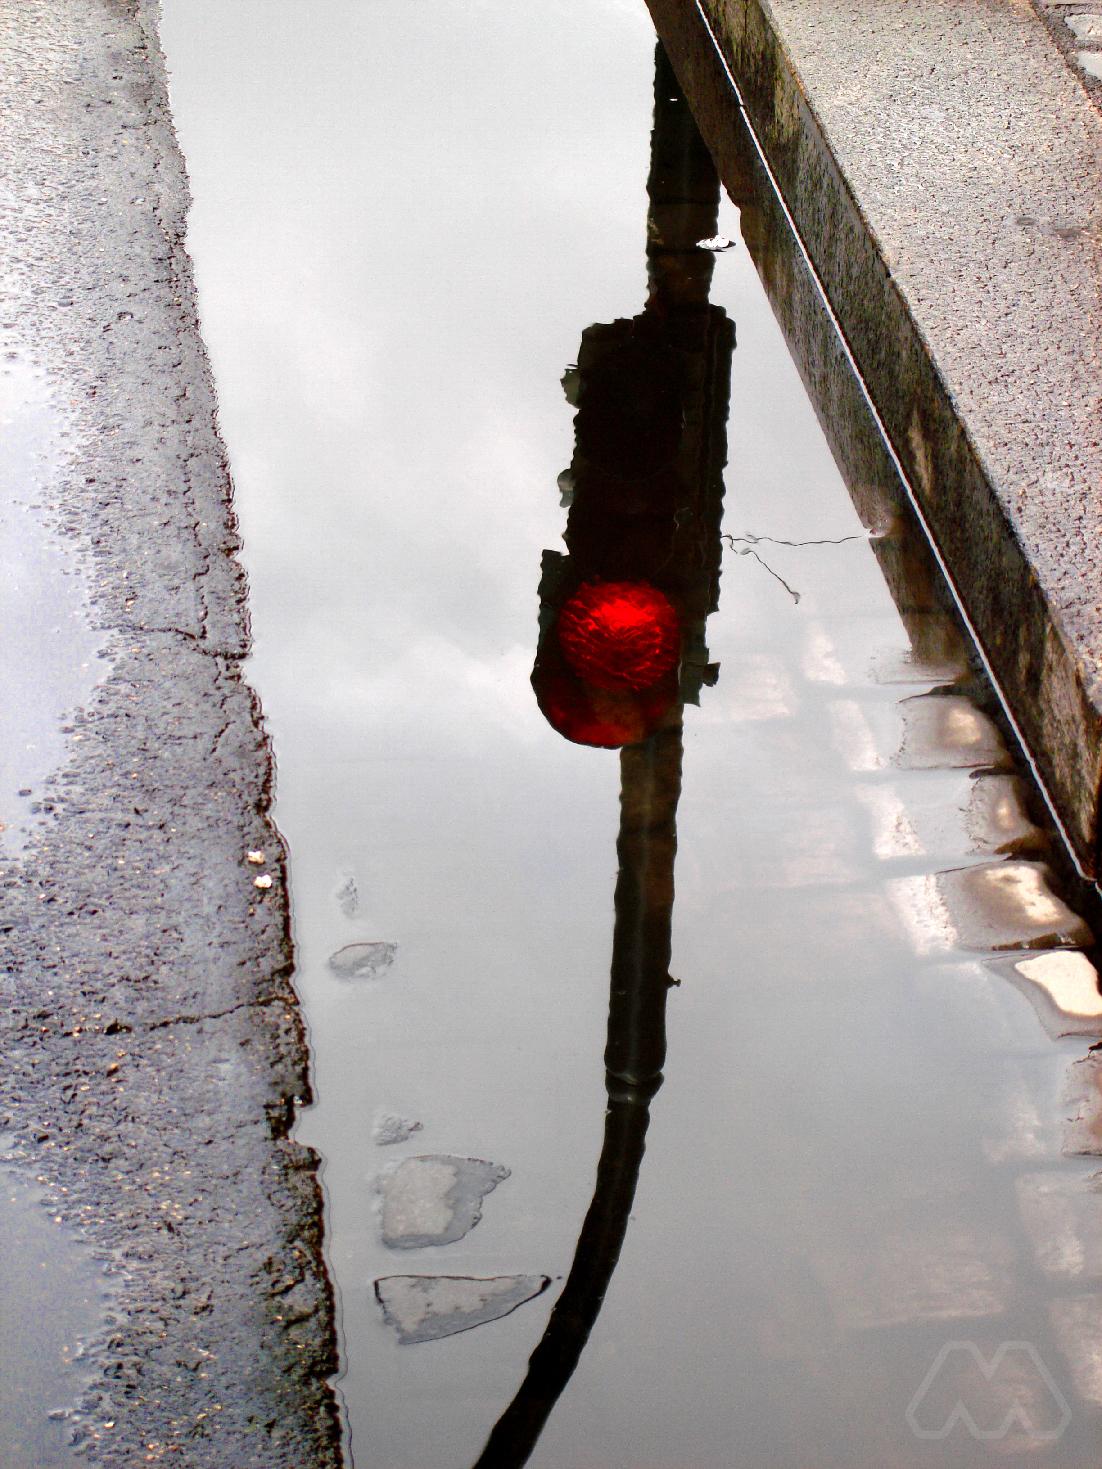 Semaforo in rosso riflesso su pozzanghera a Roma